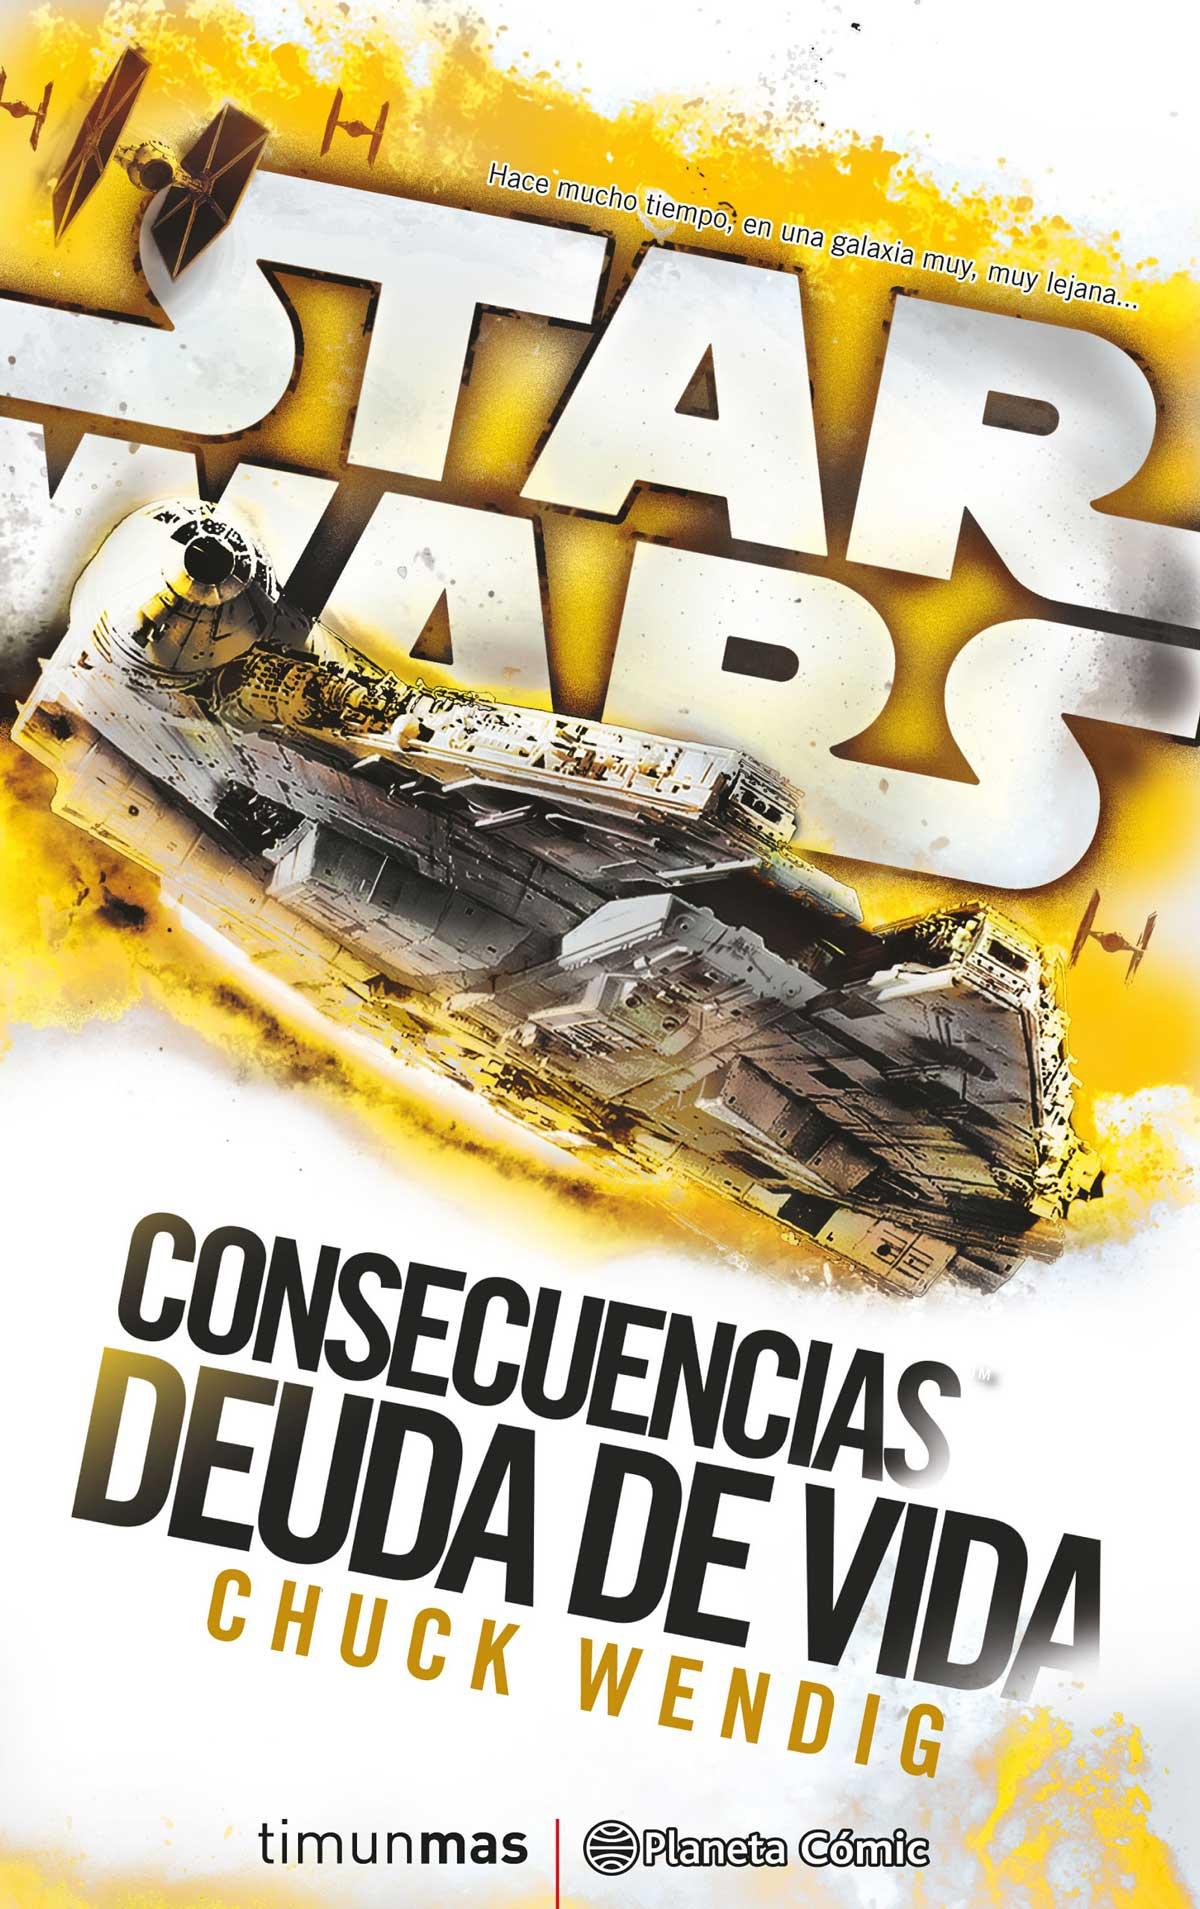 Star Wars Consecuencias: Deuda de vida